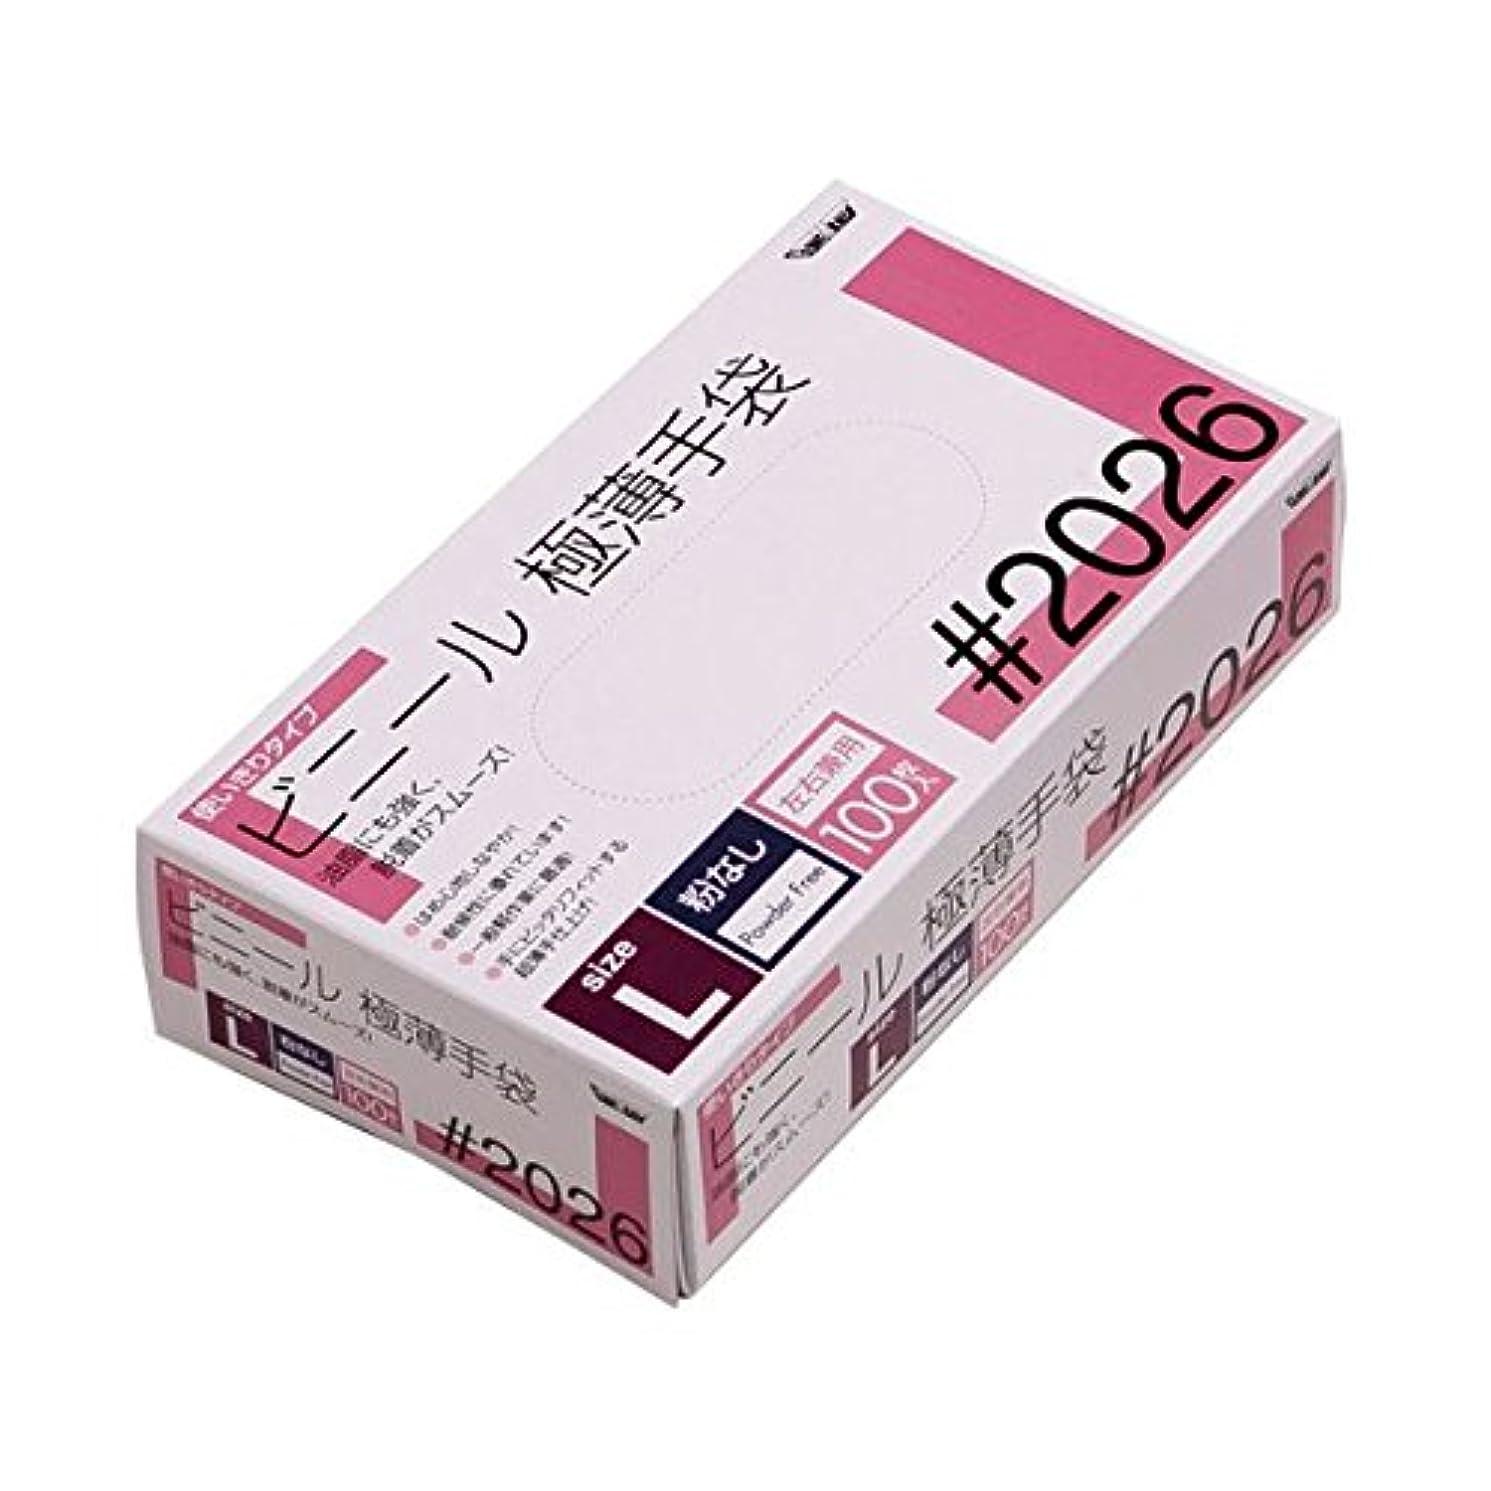 きらめく見かけ上コピー川西工業 ビニール極薄手袋 粉なし L 20箱 ds-1915778